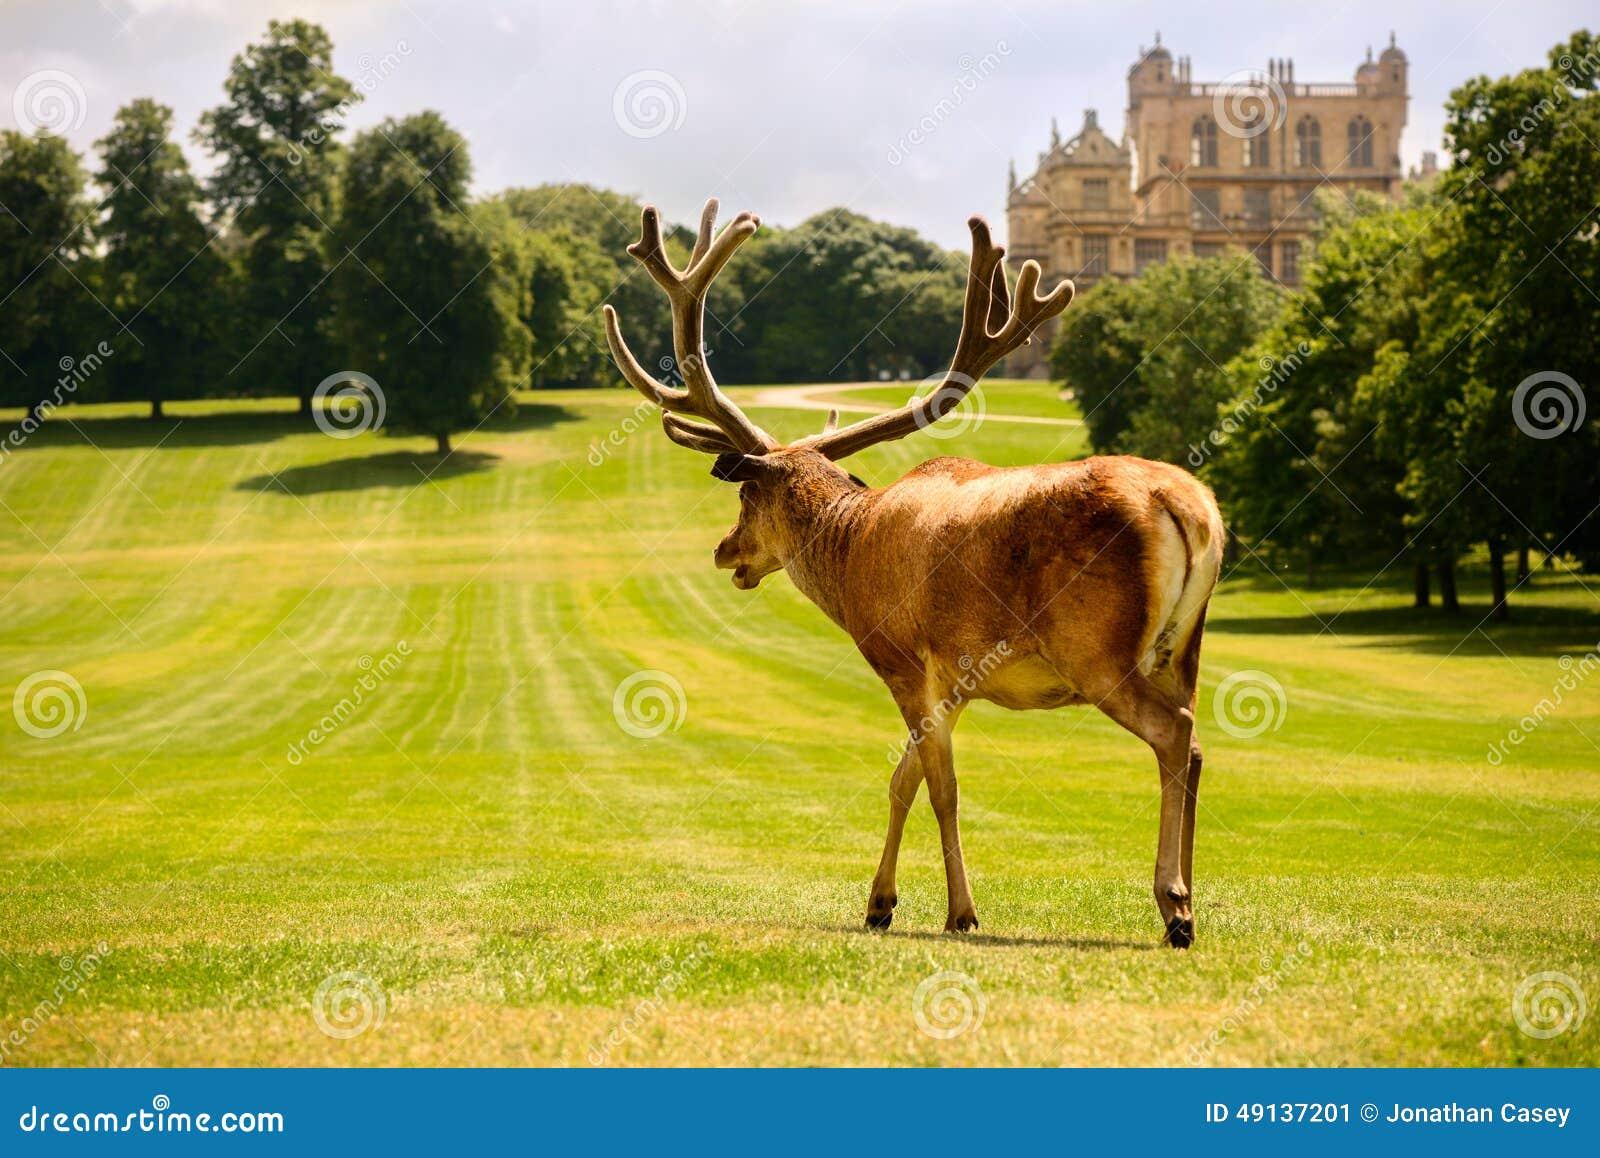 Большое рогач красных оленей на Wollaton Hall